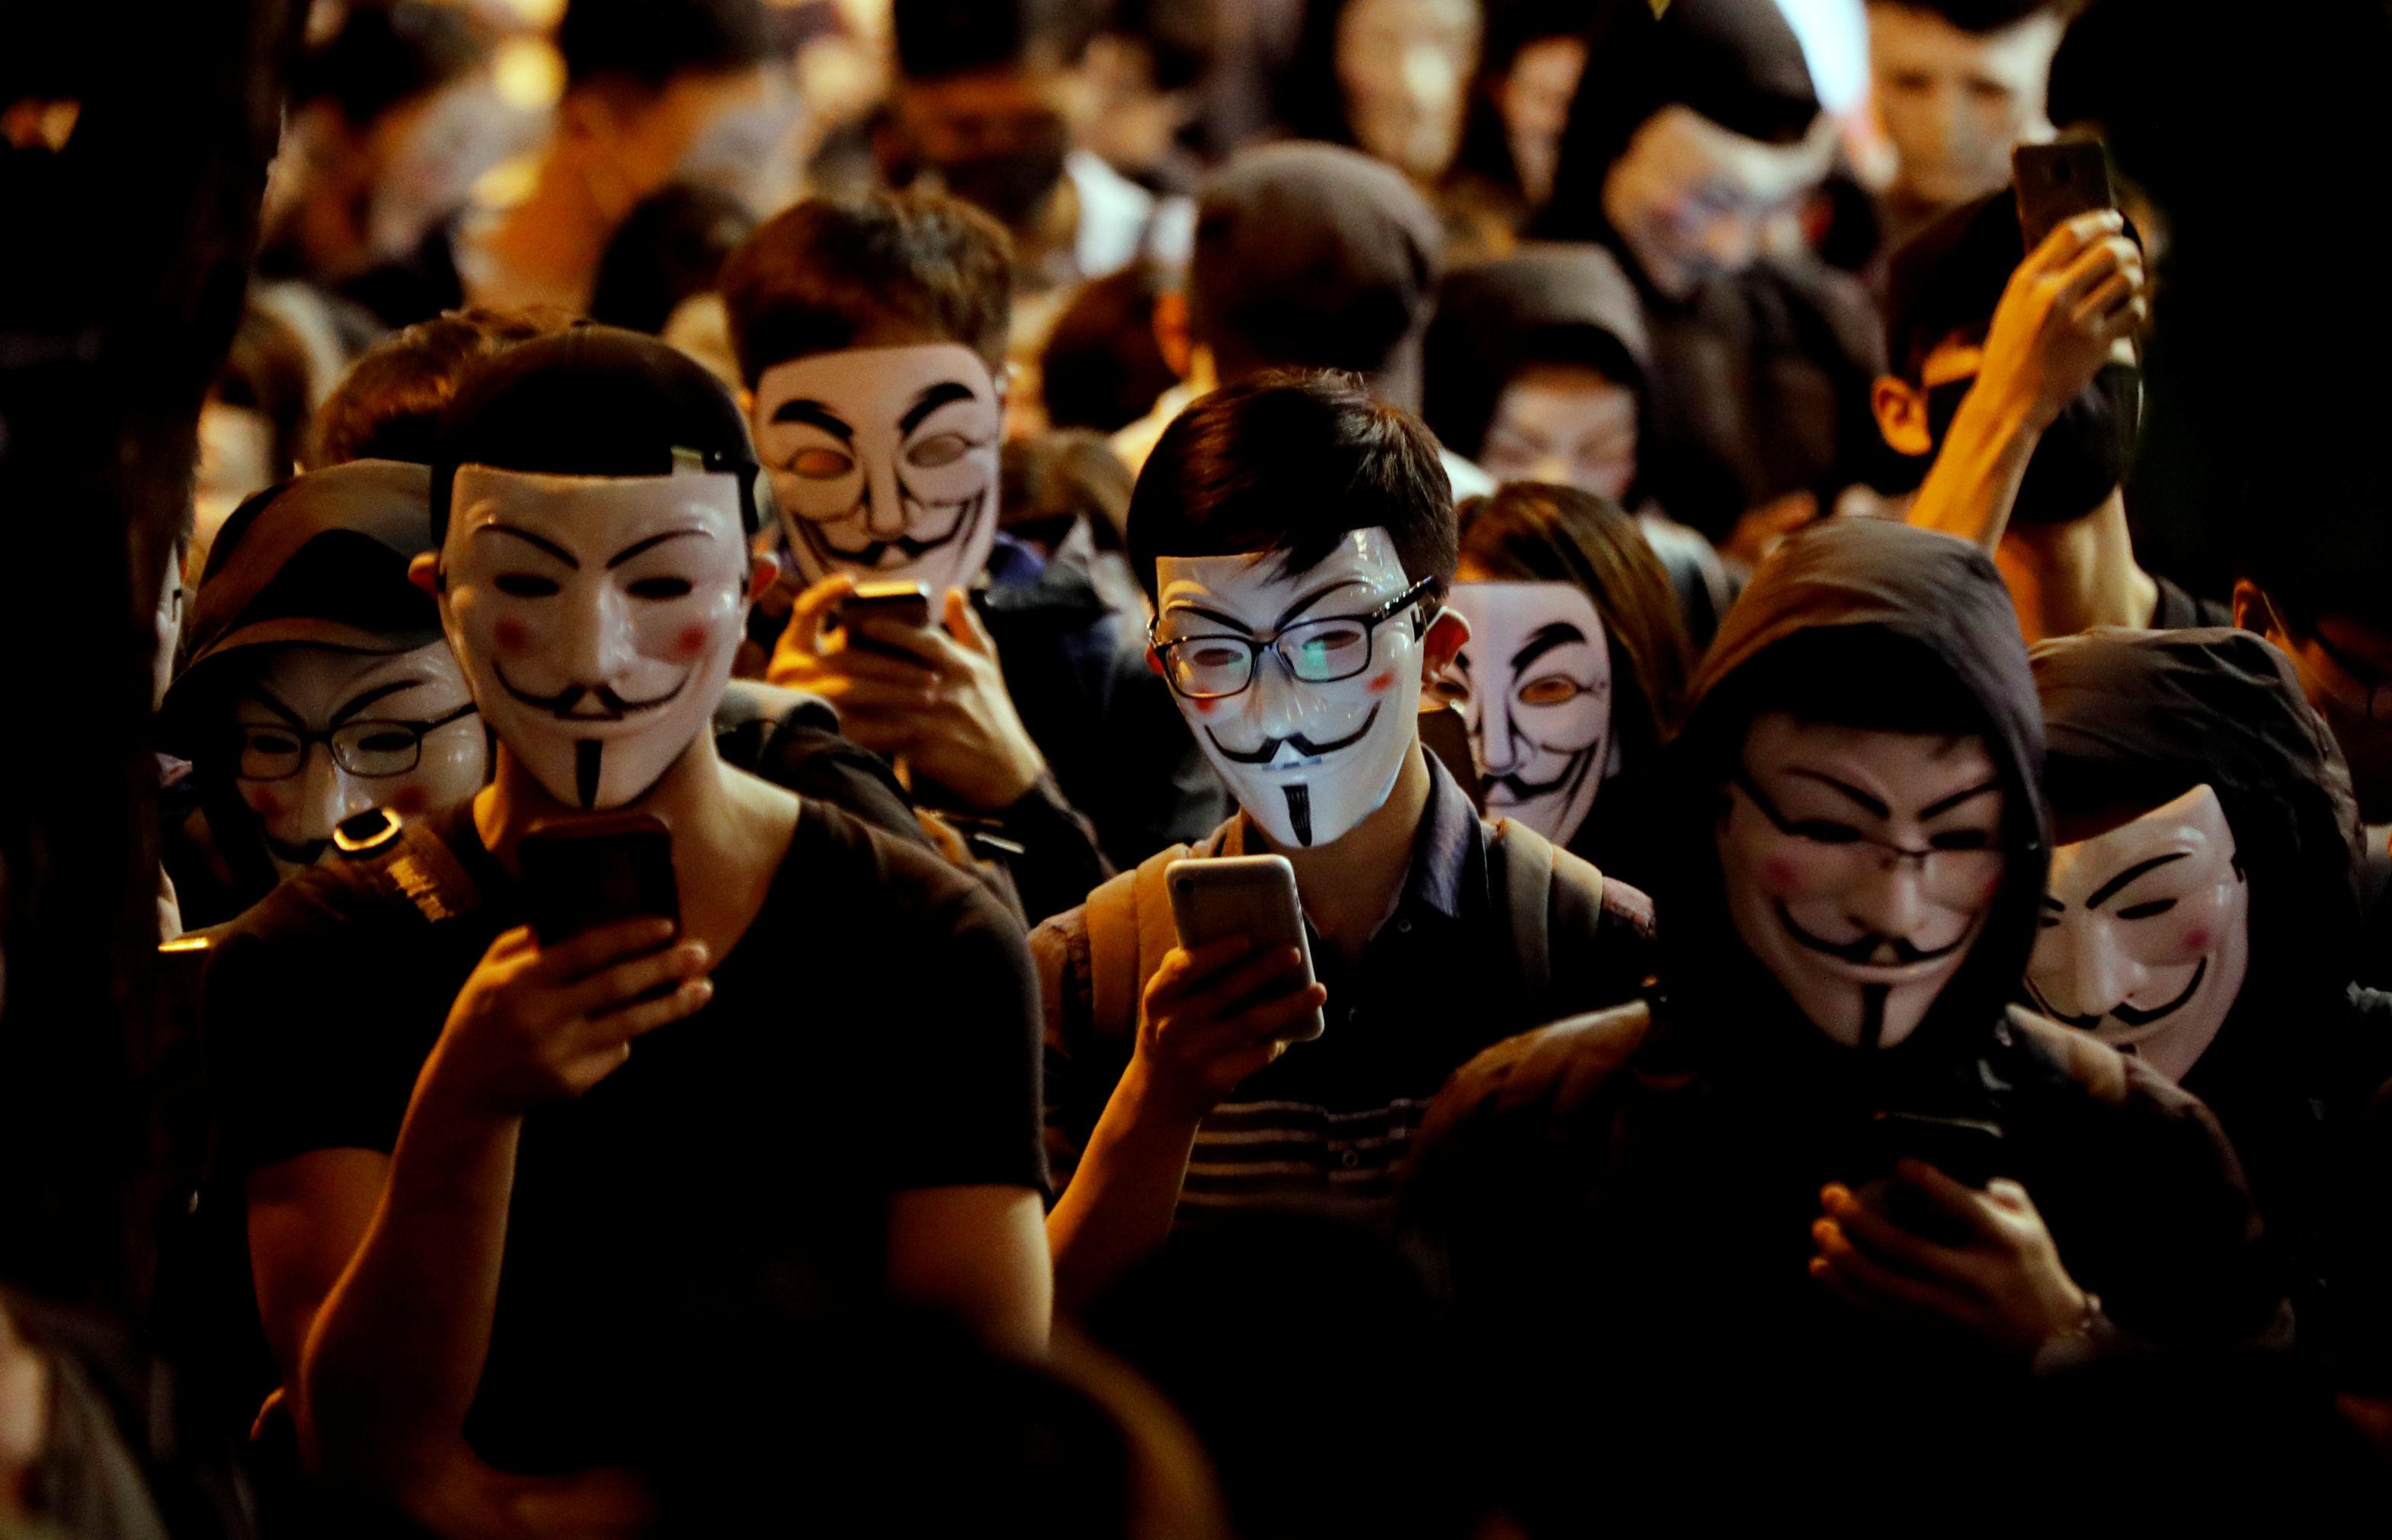 Manifestantes usando máscaras participam de protestos anti-governo em Hong Kong, em 5 de novembro